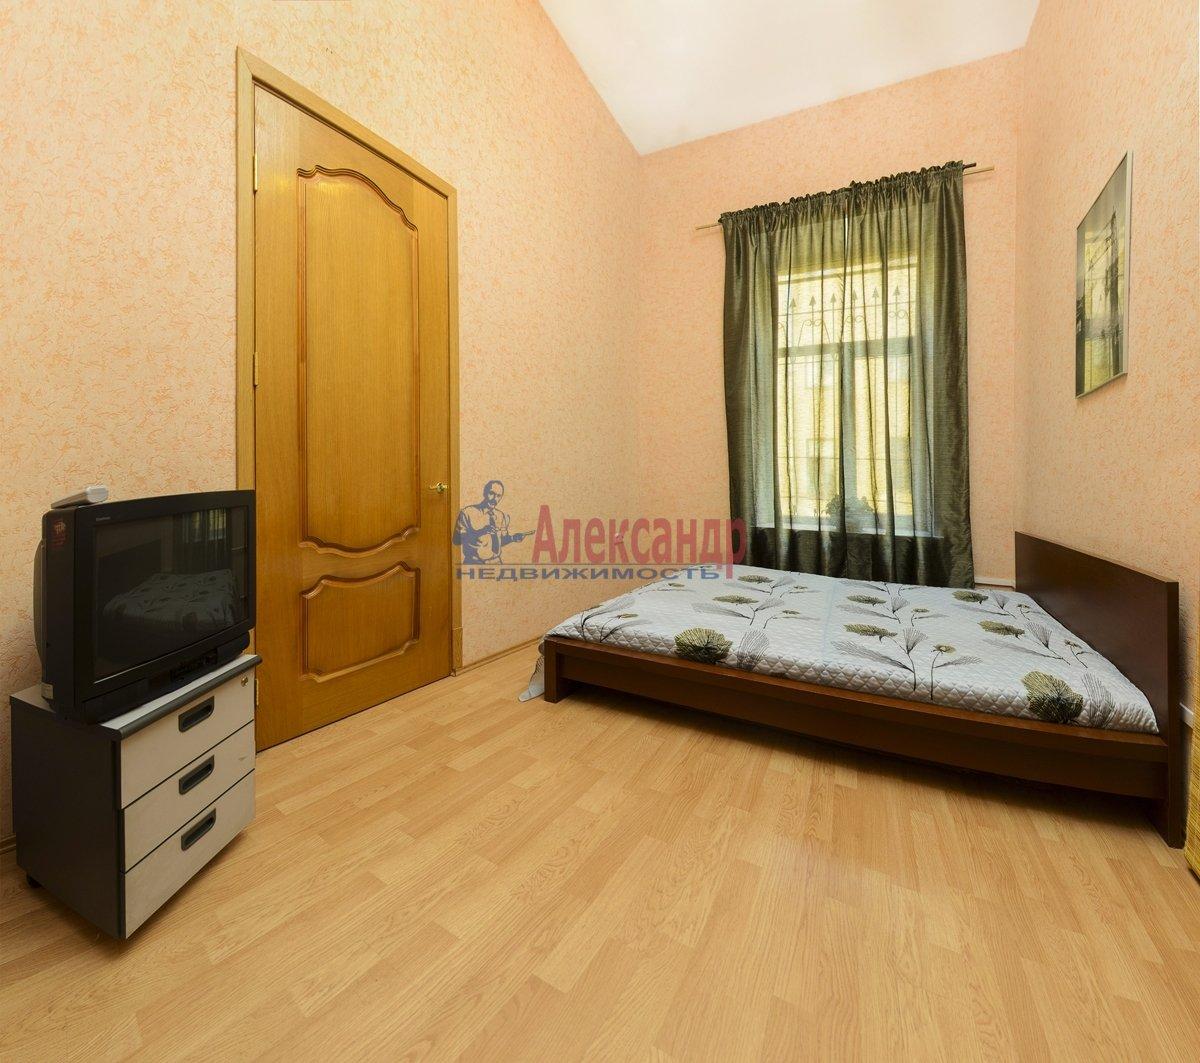 3-комнатная квартира (100м2) в аренду по адресу Малая Конюшенная ул., 10— фото 2 из 10